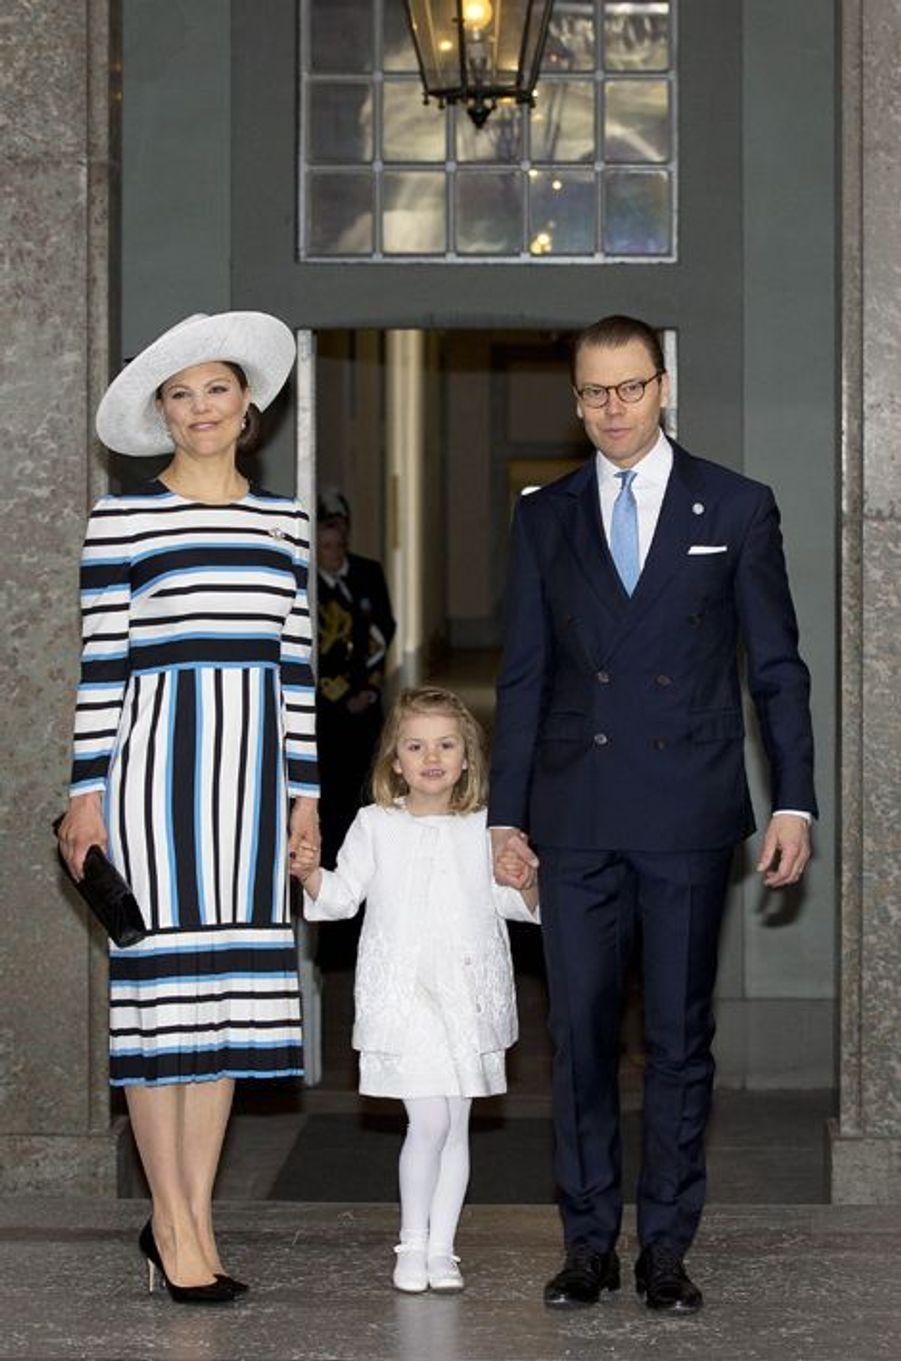 La princesse Victoria de Suède avec le prince consort Daniel et la princesse Estelle à Stockholm, le 30 avril 2016